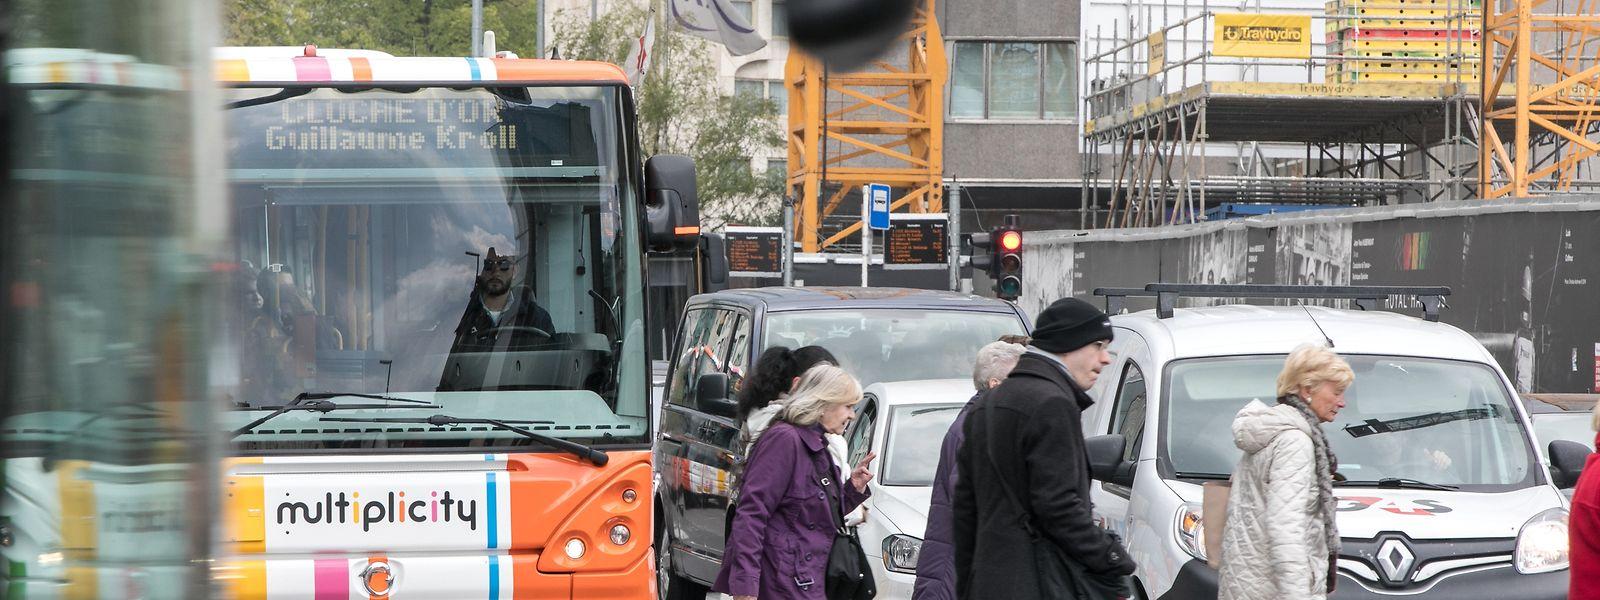 Ein Drittel der Unfälle mit Fußgängern passieren an Fußgängerübergängen.